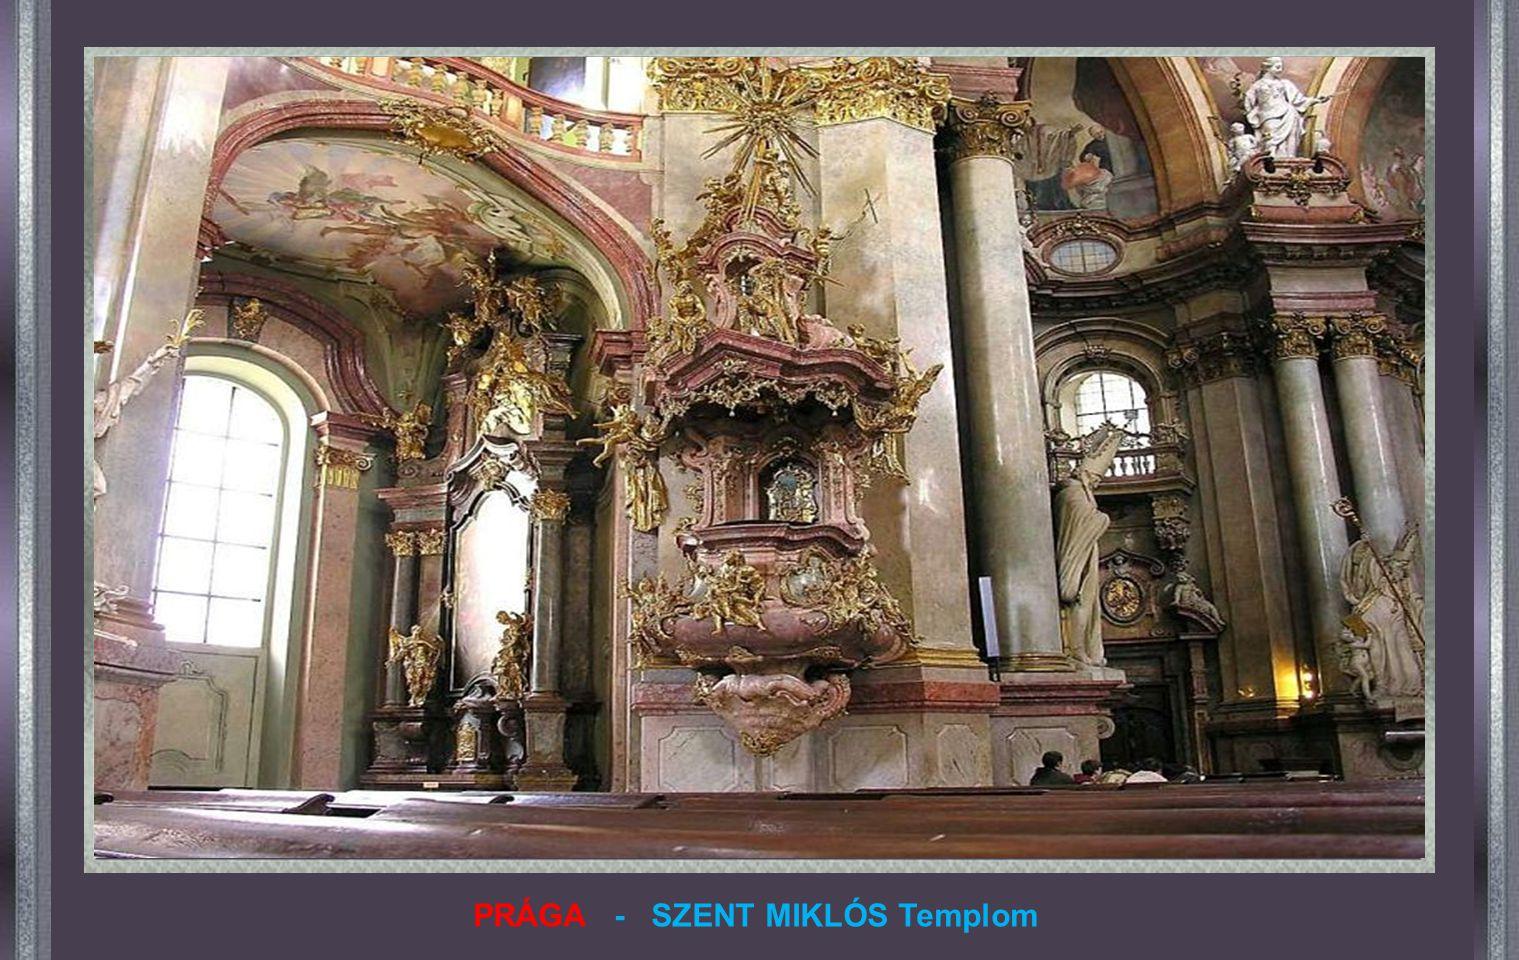 SZMOLENSZK - OROSZORSZÁG A SZÜLETÉS Temploma Amikor Napóleon betört Oroszországba, ez előtt az oltár előtt hirdette ki, ha talál katonái között bárkit